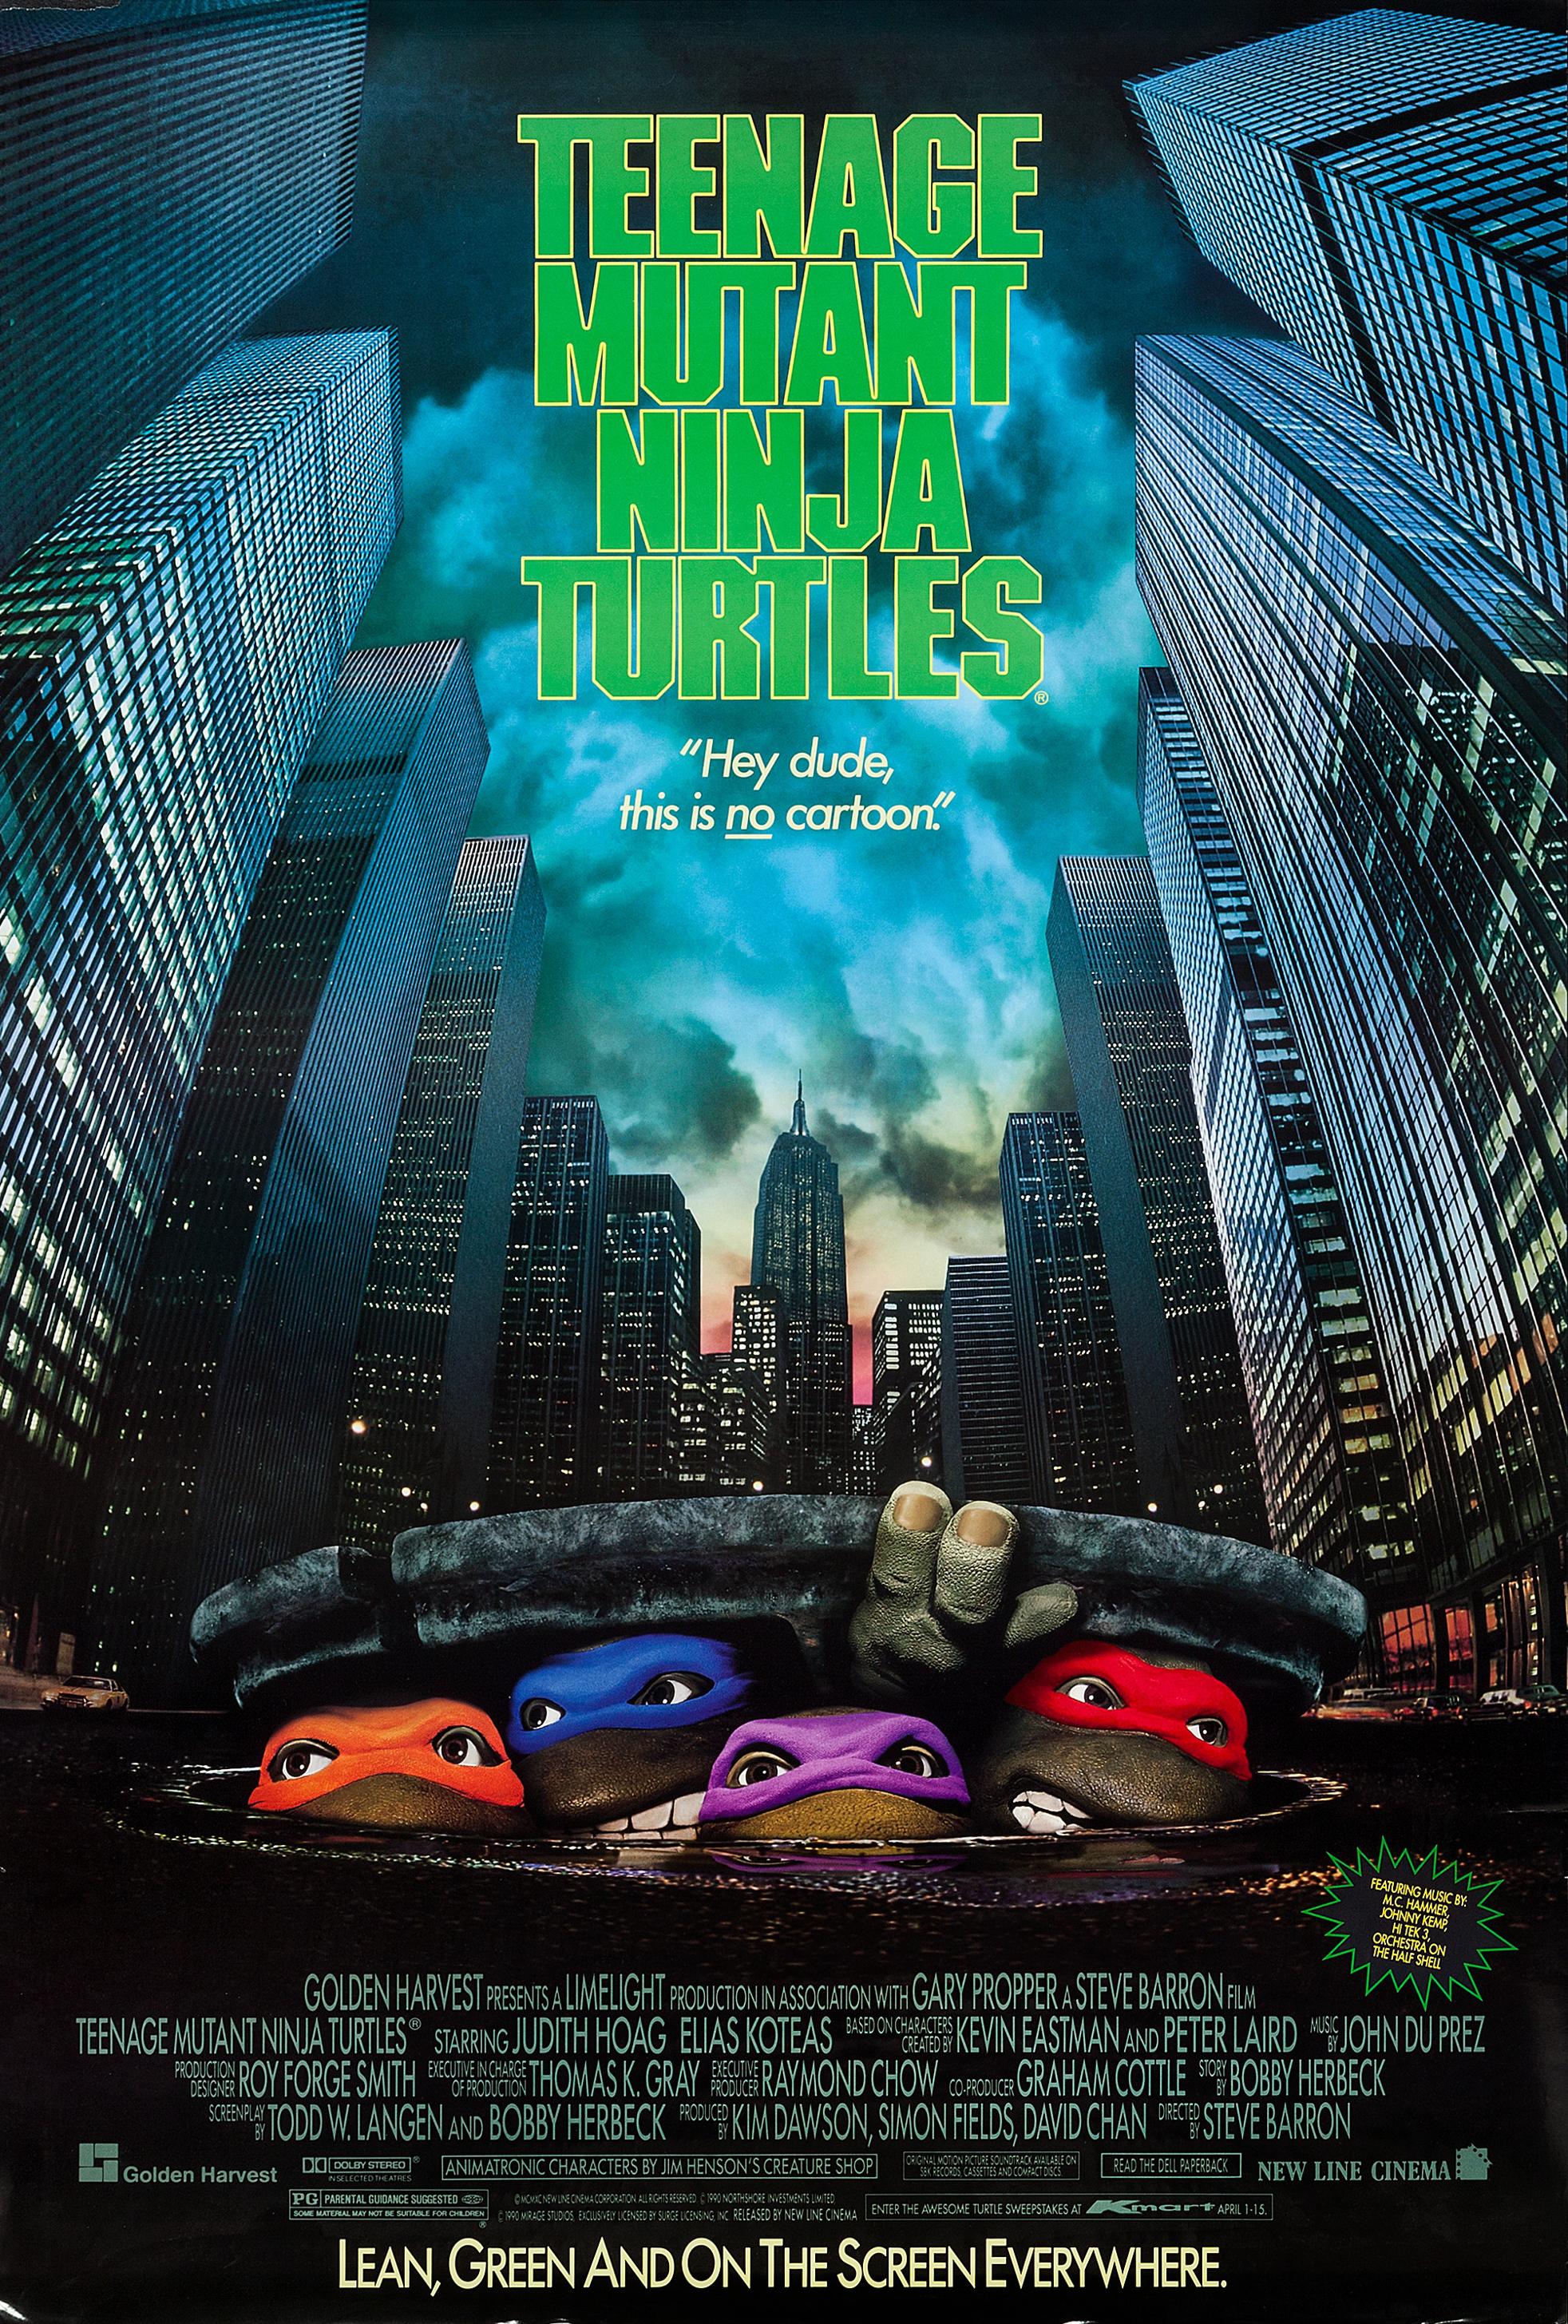 Las Tortugas Ninja vuelven - Página 2 Teenage_mutant_ninja_turtles